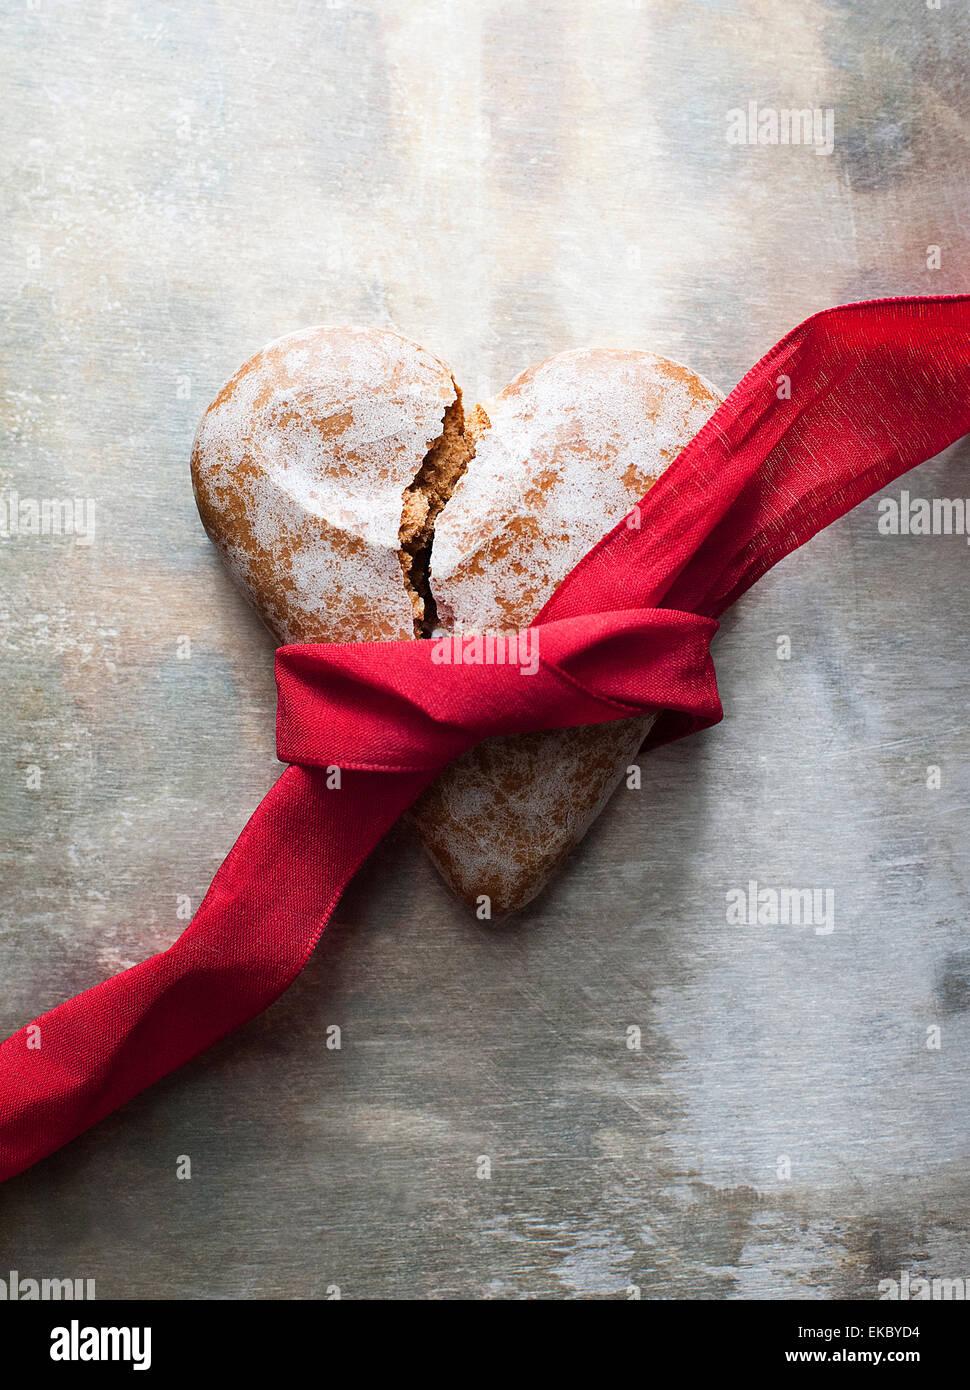 Corazón roto con forma de galleta de jengibre con una cinta roja Imagen De Stock